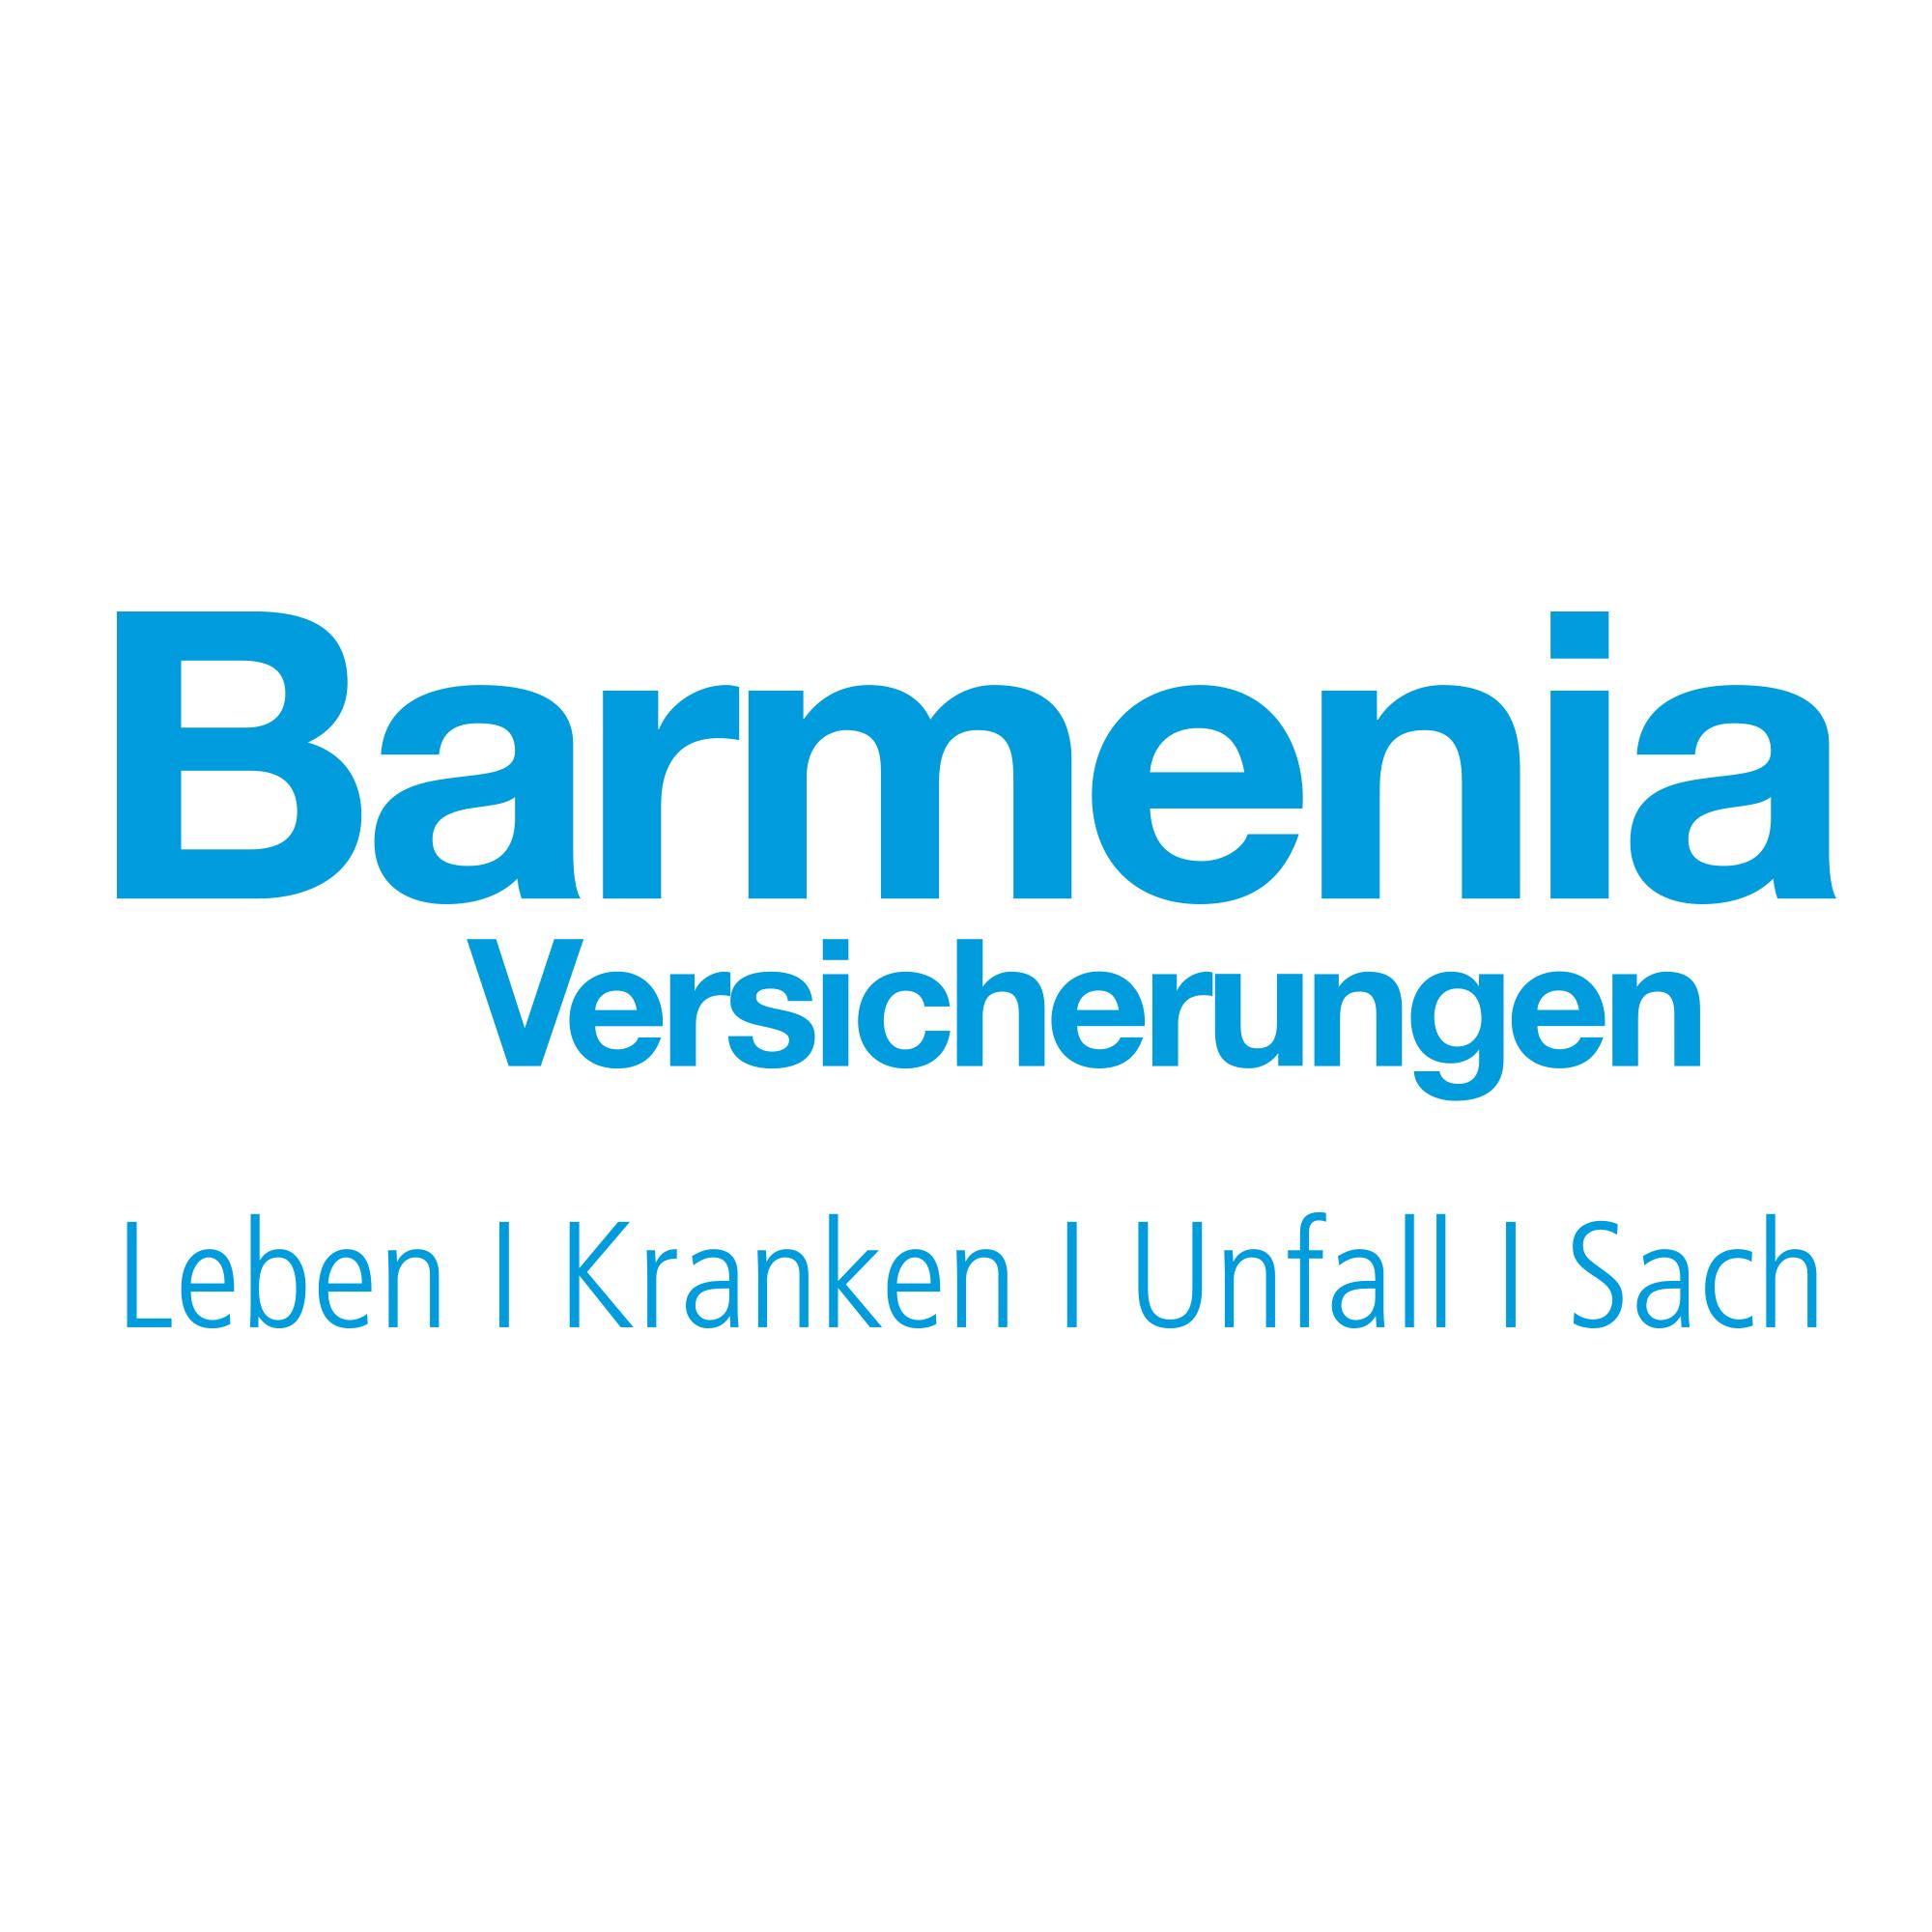 Barmenia Versicherungen - Michael Weber